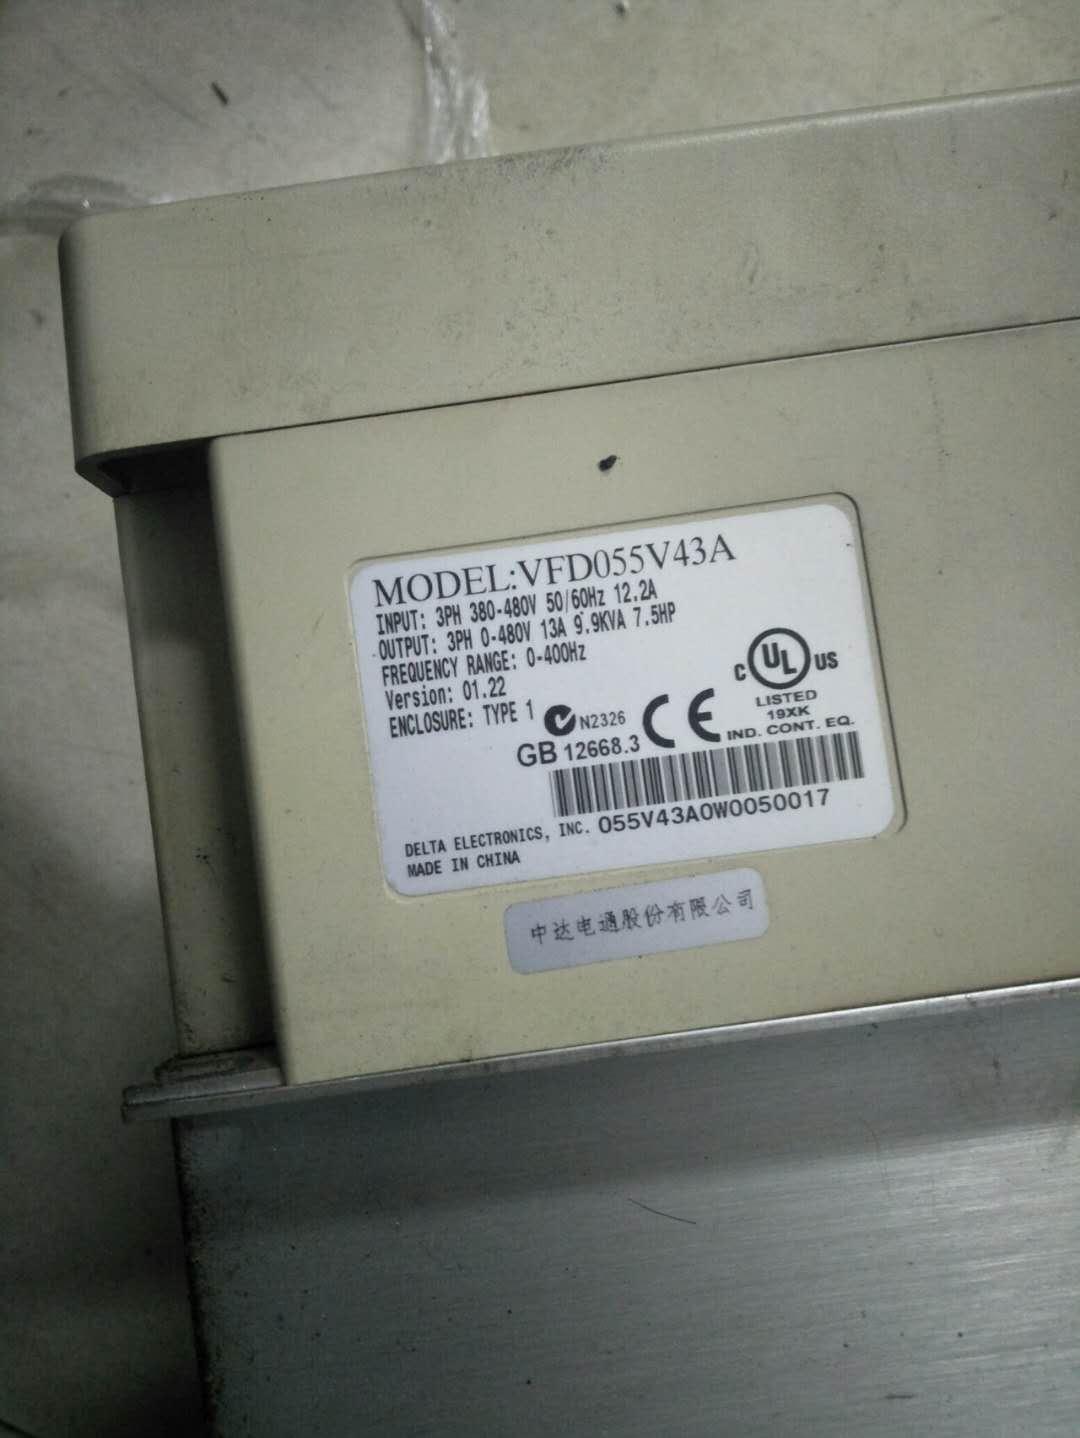 快速台达变频器维修VFD055V43A 议价